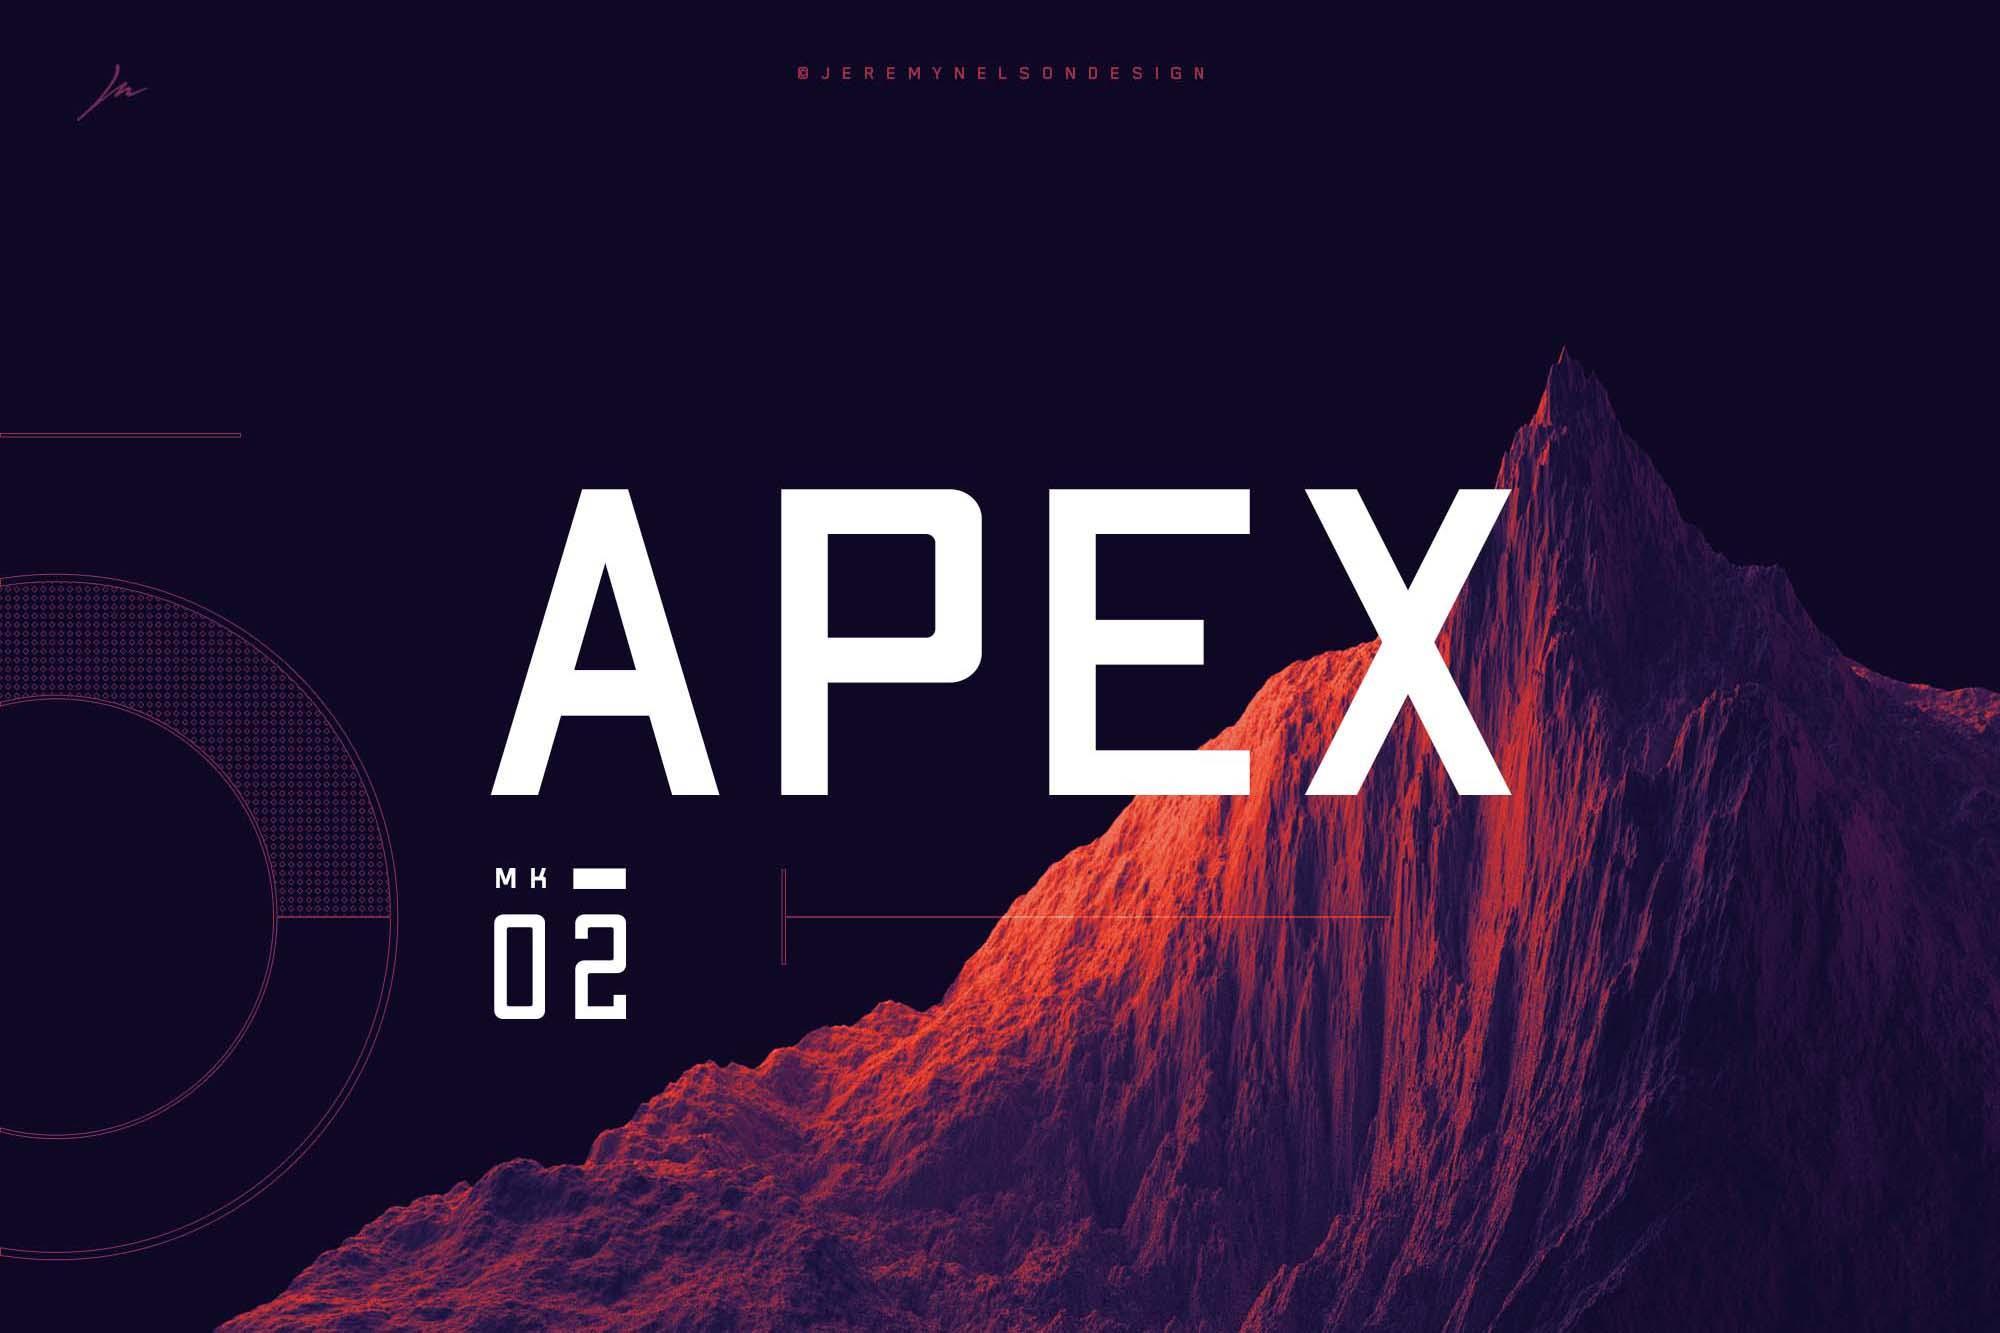 Apex MK2 Sans Serif Font